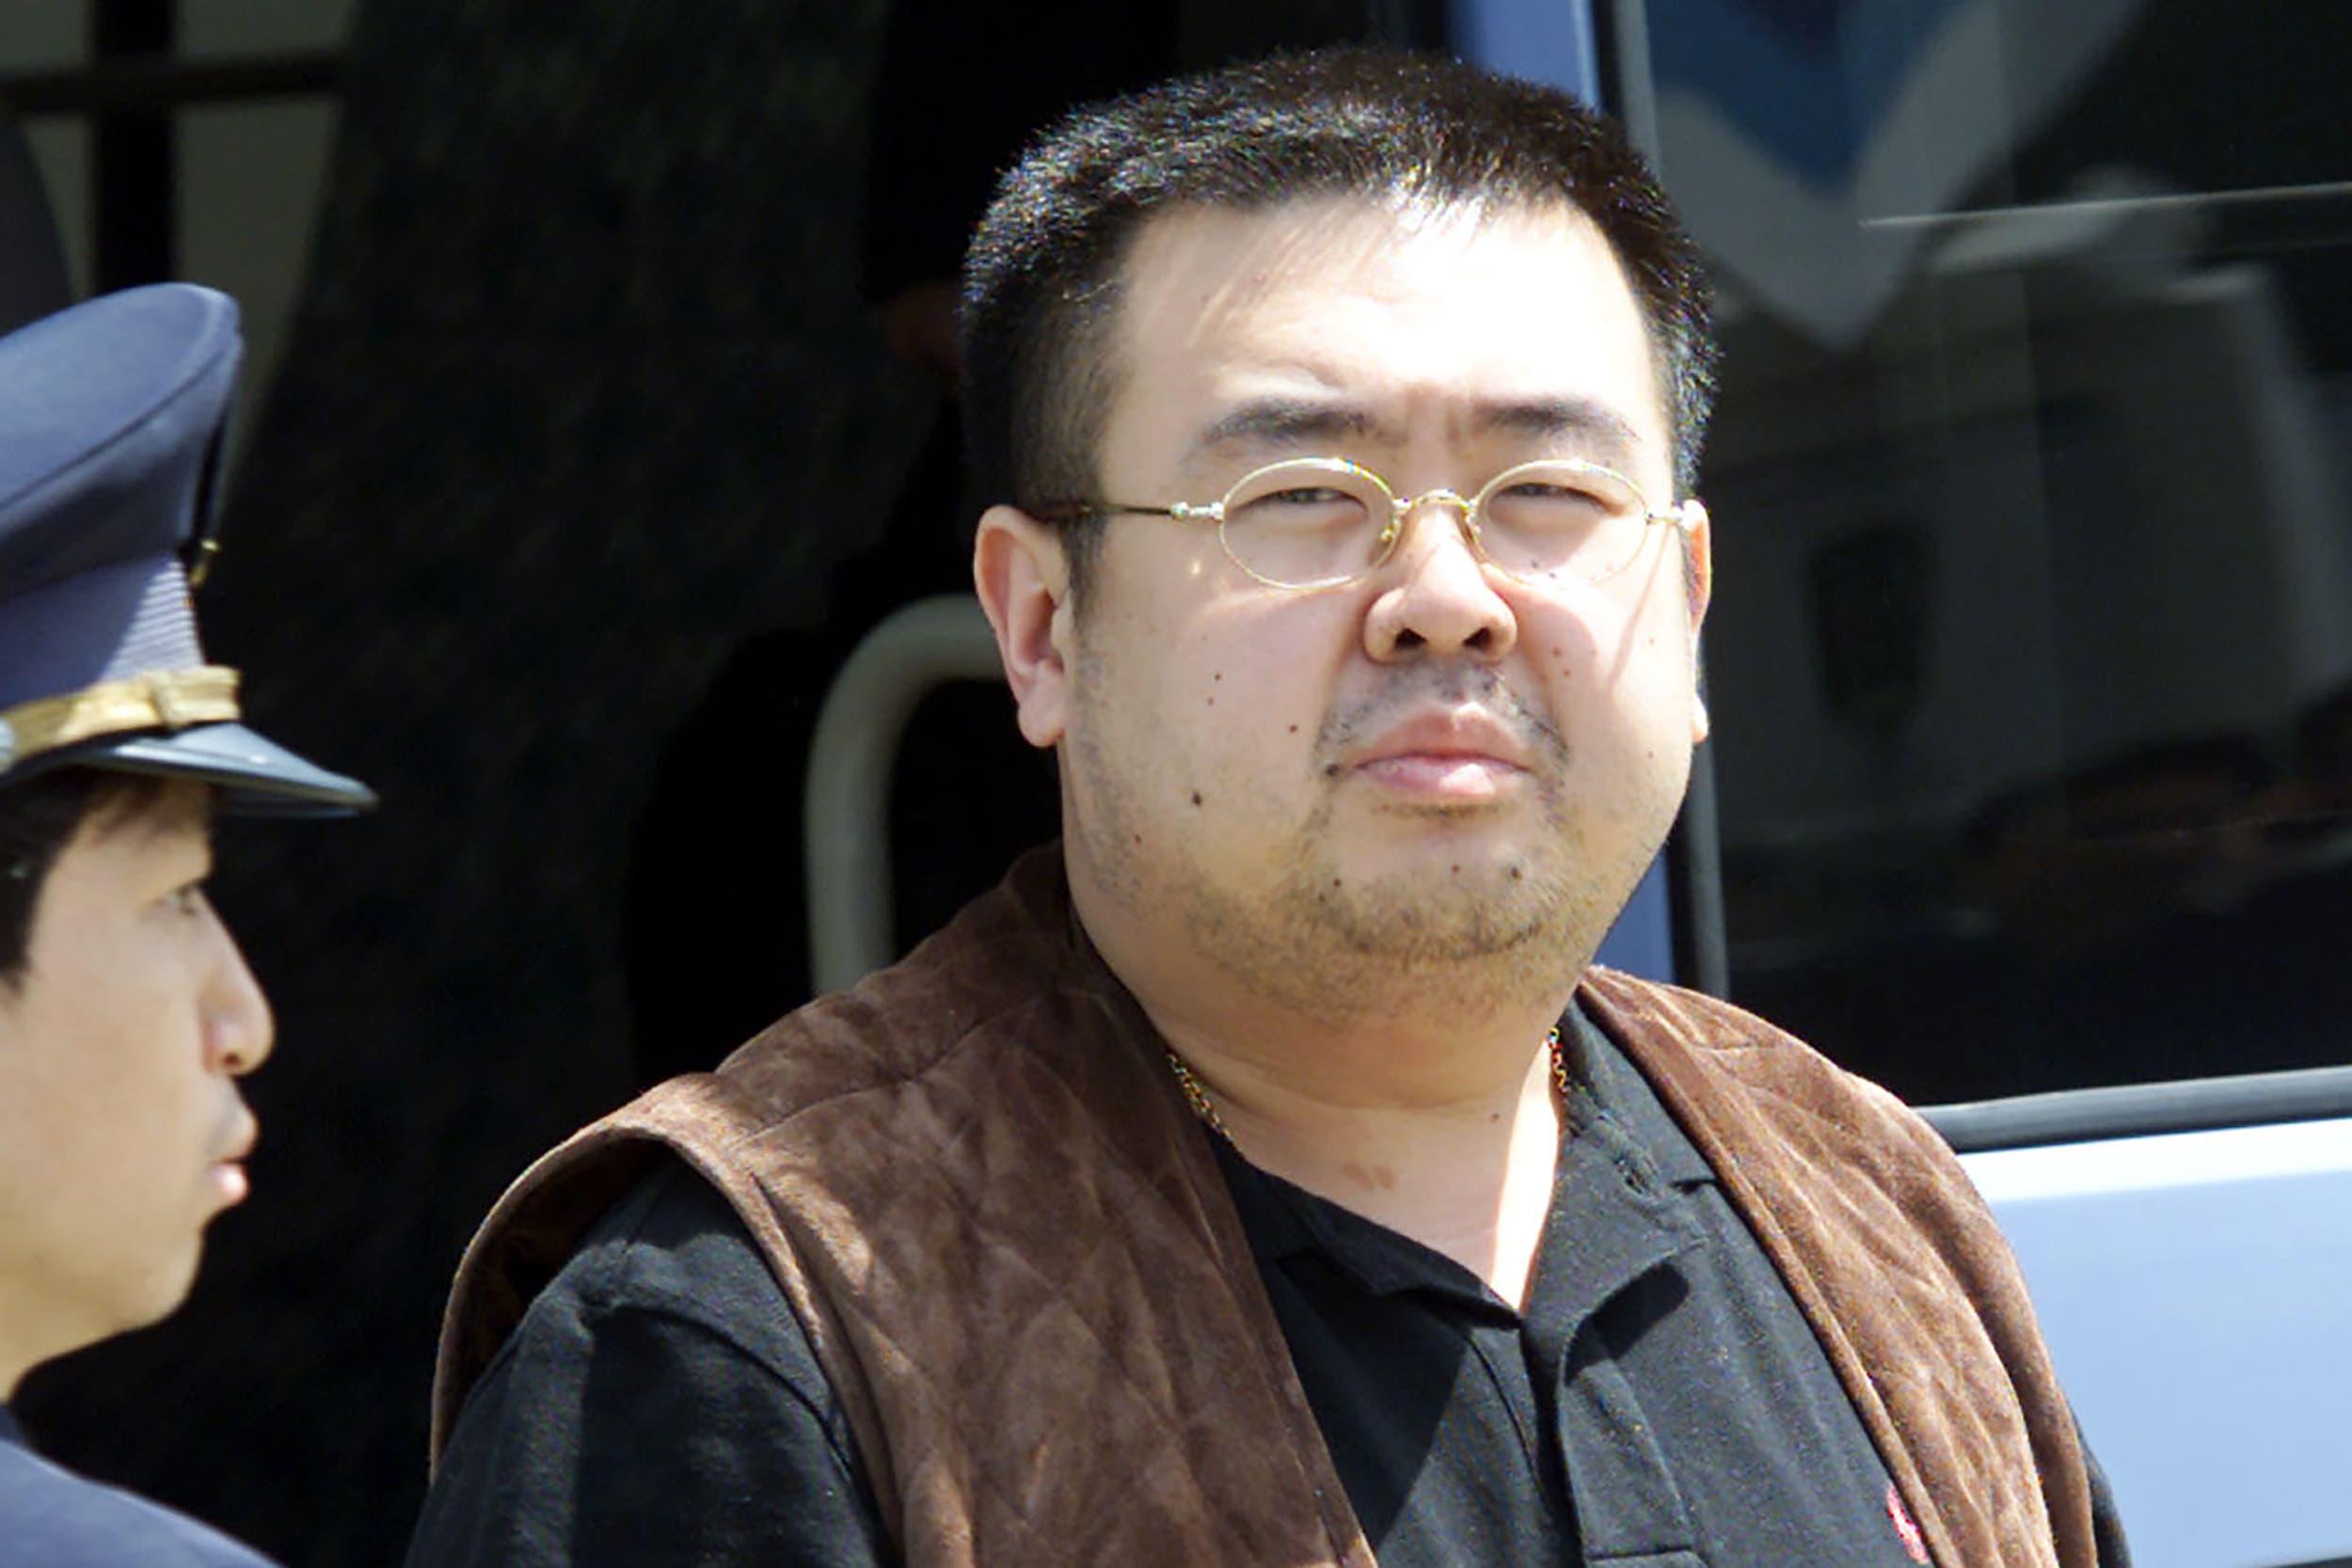 كيم يونغ نام الذي تم اغتياله في مطار ماليزي